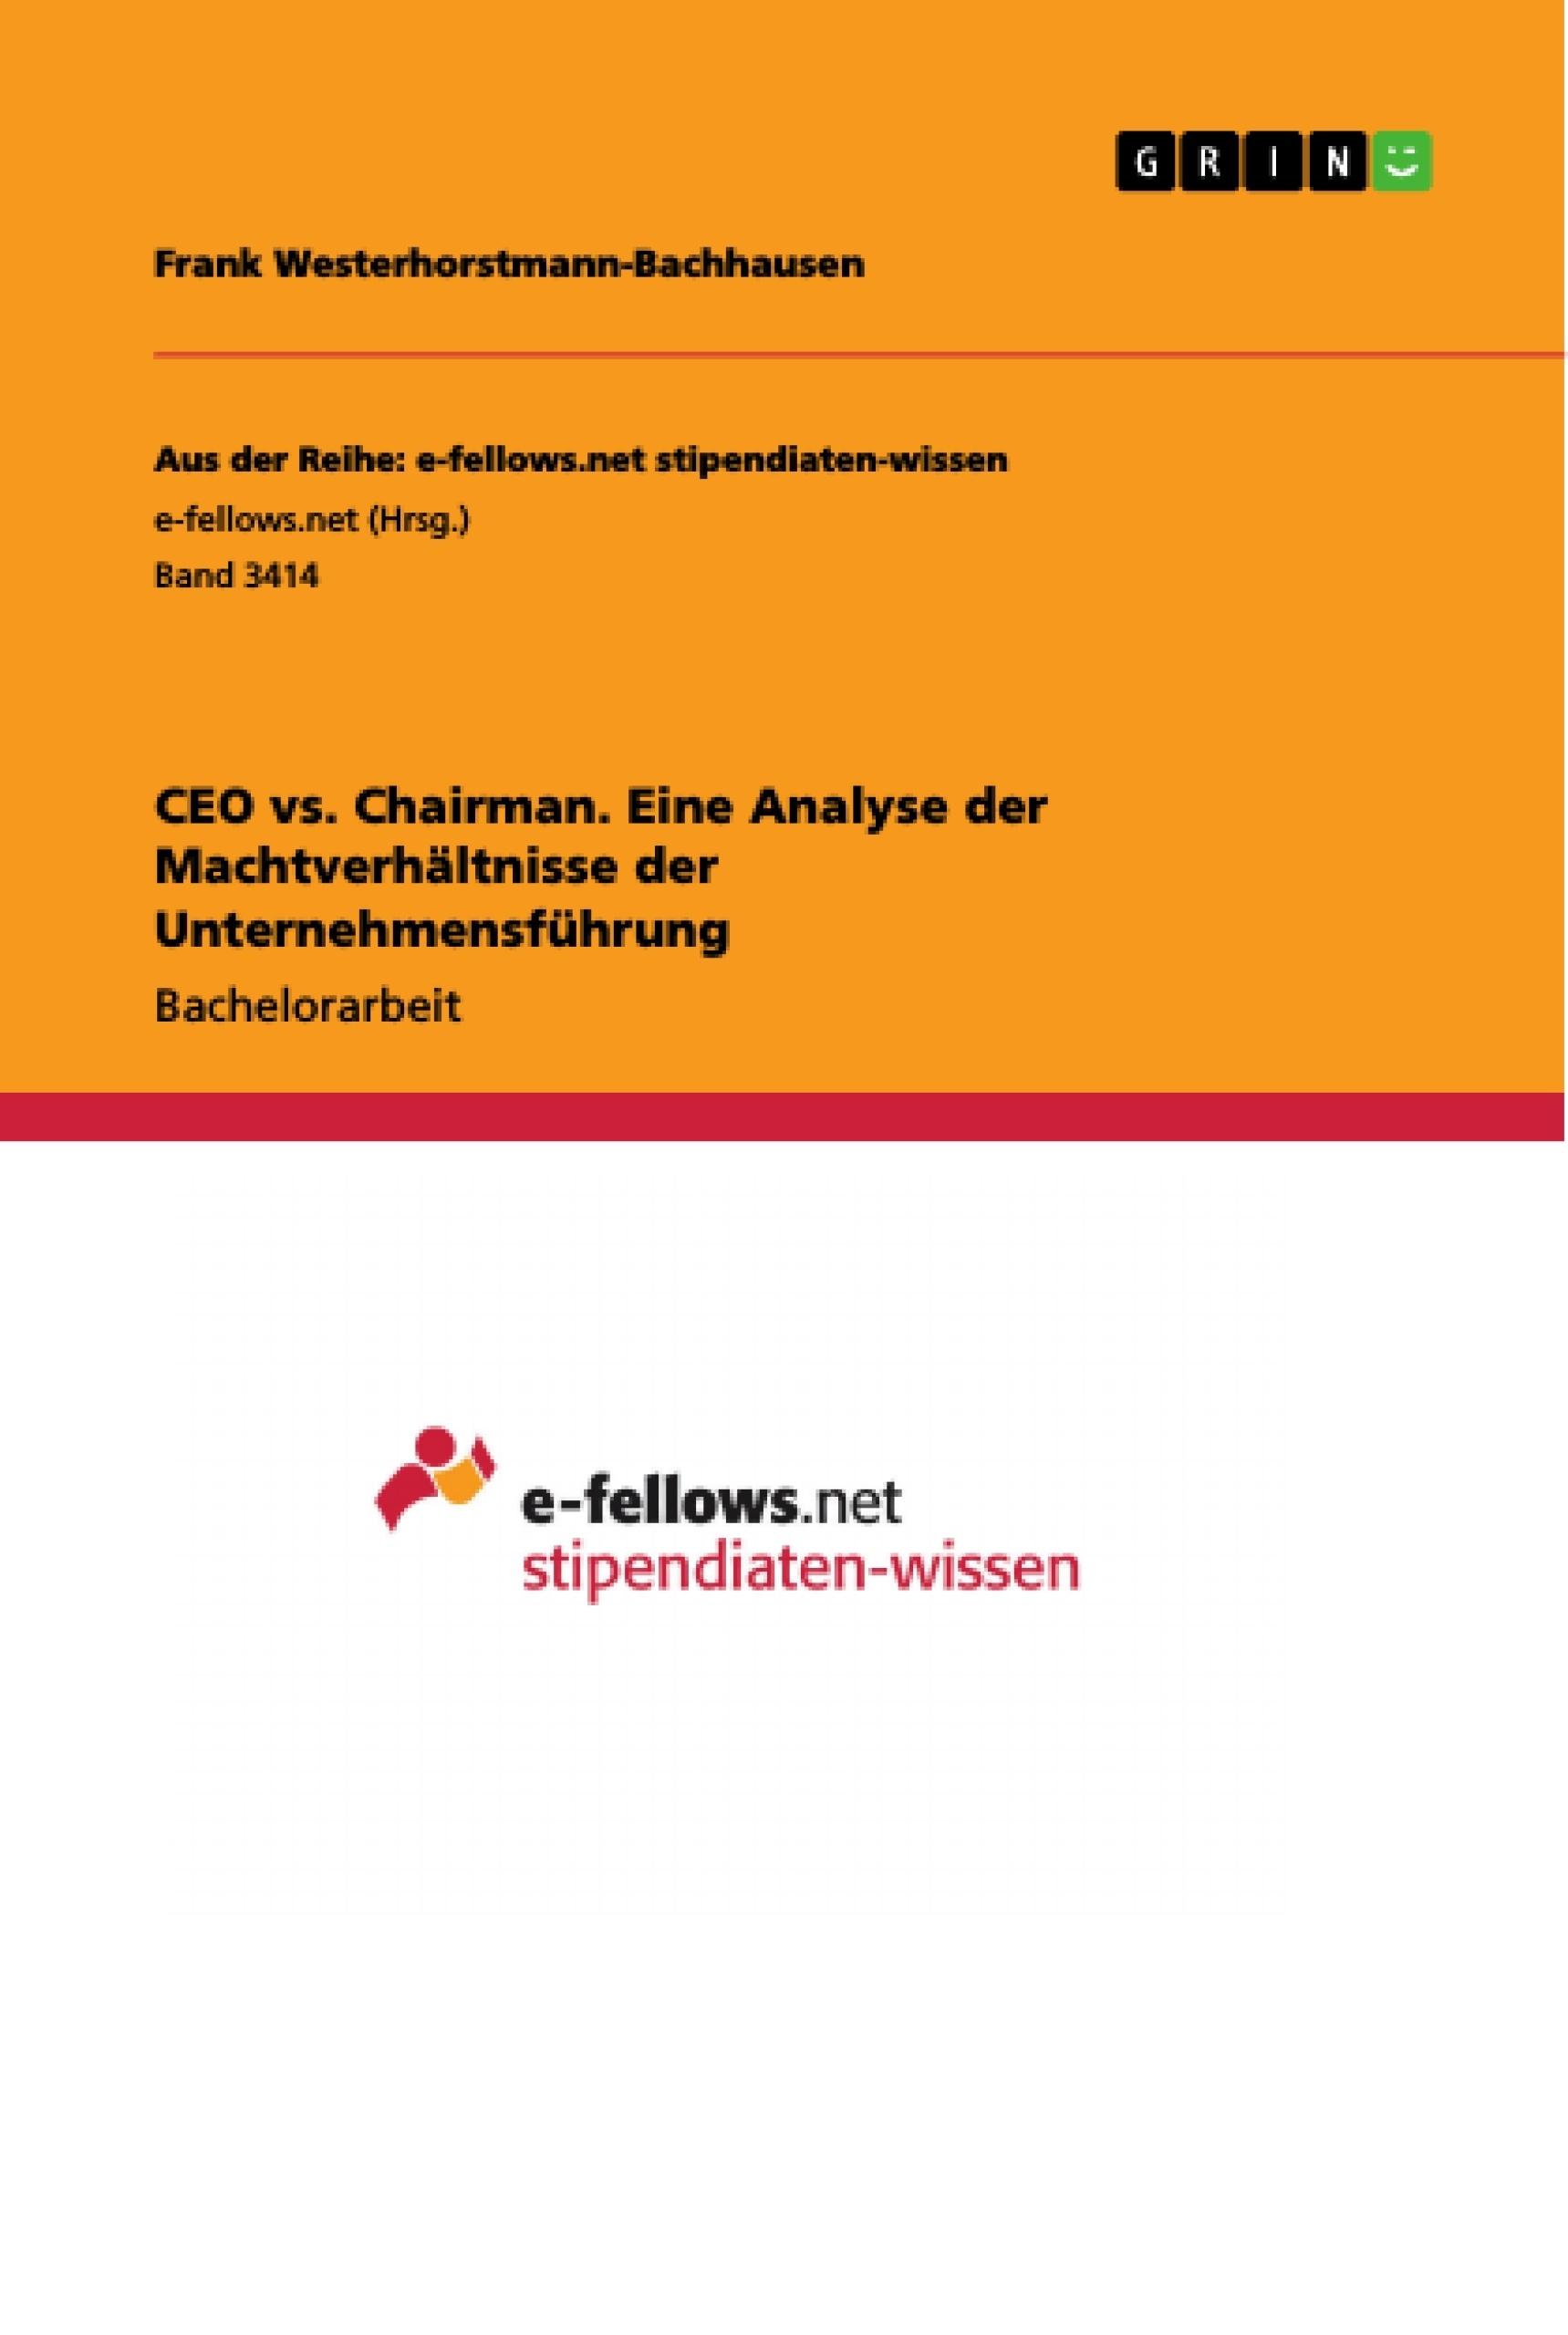 Titel: CEO vs. Chairman. Eine Analyse der Machtverhältnisse der Unternehmensführung